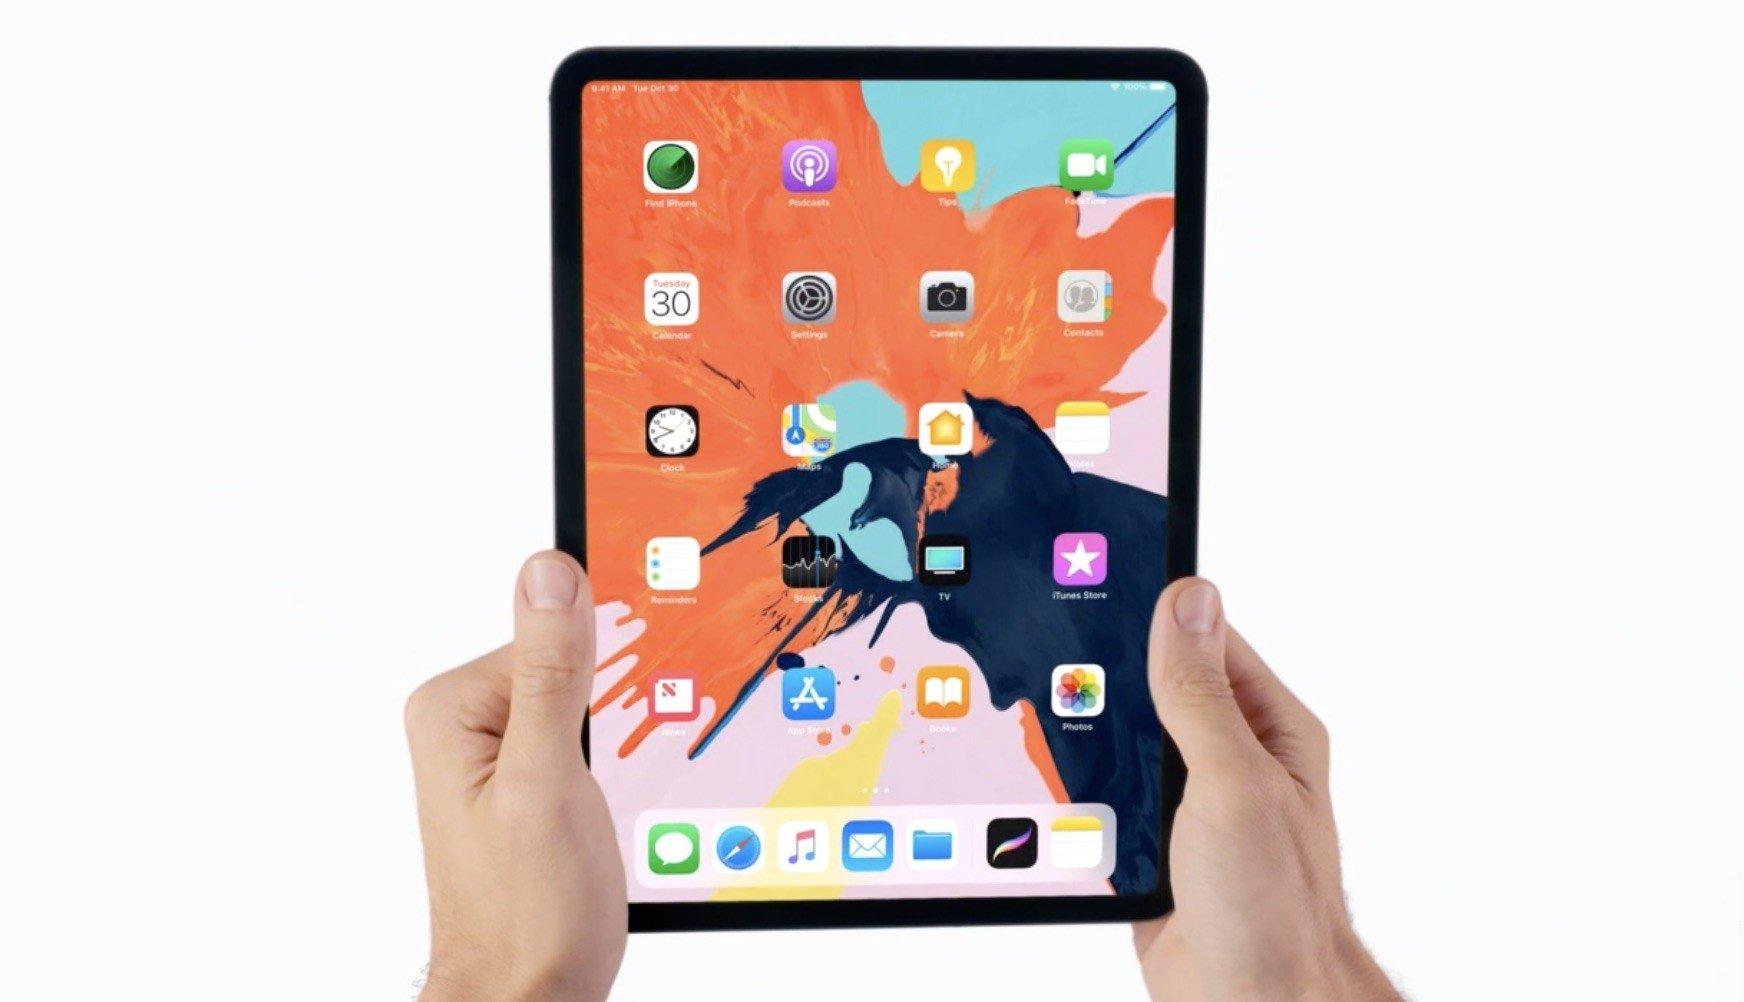 Đánh giá nhanh siêu phẩm iPad Pro 2018